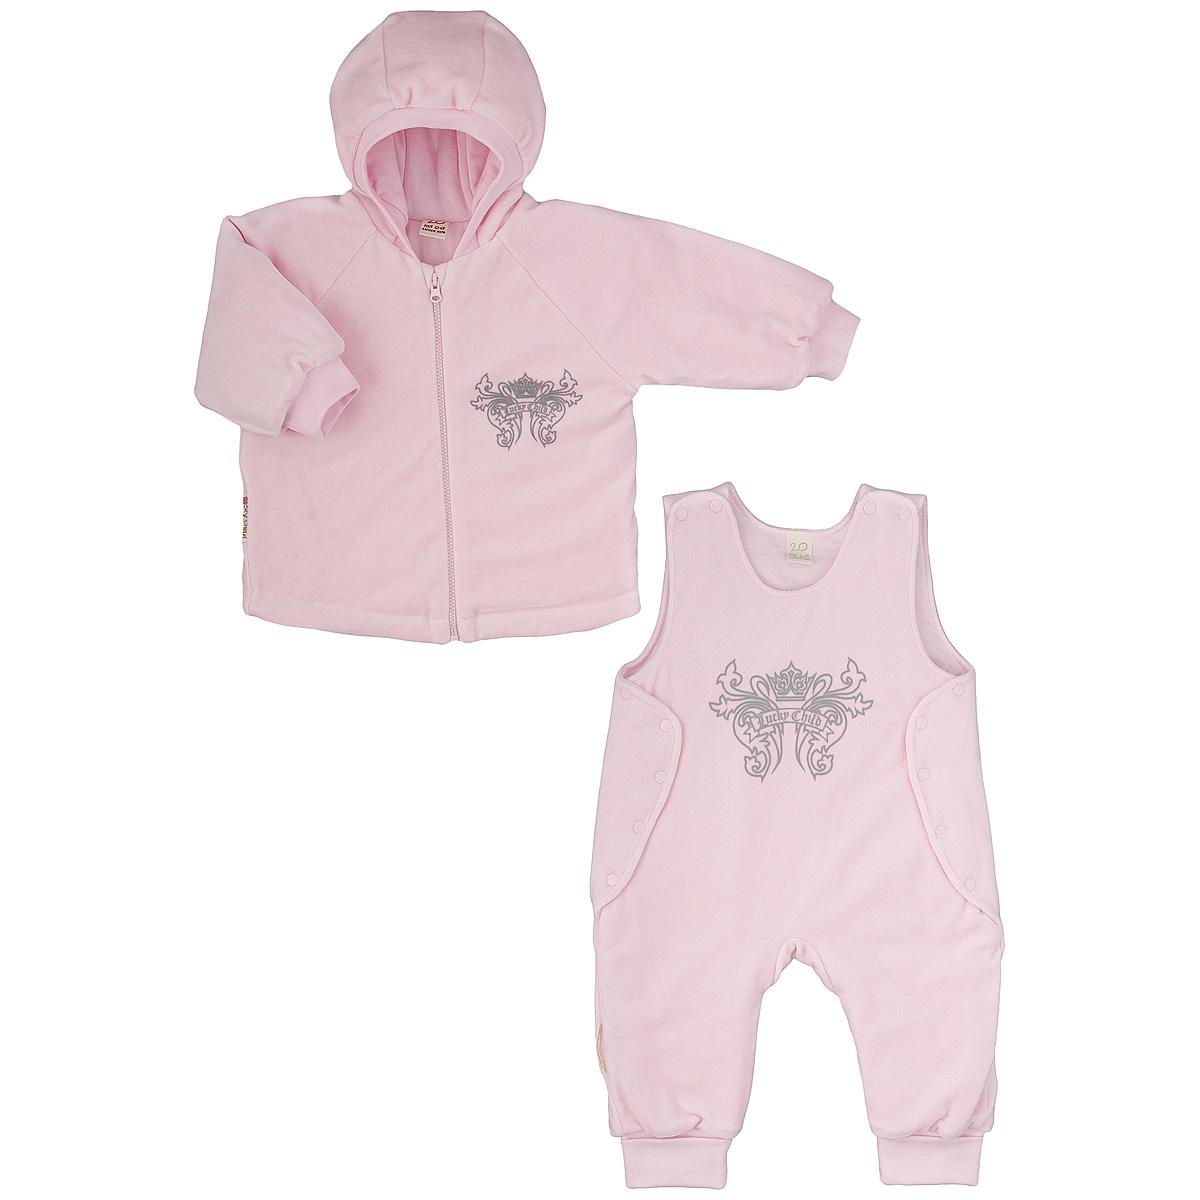 Комплект детский Lucky Child: куртка, полукомбинезон, цвет: розовый. 5-5. Размер 74/805-5Утепленный детский комплект Lucky Child идеально подойдет для ребенка в прохладное время года. Комплект состоит из куртки и полукомбинезона, изготовленных из велюра с утеплителем из синтепона, а для максимального комфорта на подкладке используется натуральный хлопок, который не раздражает нежную кожу ребенка и хорошо сохраняет тепло. Комплект необычайно мягкий и приятный на ощупь, не сковывает движения малыша и позволяет коже дышать, обеспечивая ему наибольший комфорт. Куртка с капюшоном и длинными рукавами-реглан застегивается на пластиковую застежку-молнию. Рукава дополнены широкими трикотажными манжетами, не стягивающими запястья. На груди она оформлена оригинальным принтом в виде логотипа бренда. Полукомбинезон застегивается сверху на кнопки, а по бокам дополнен специальными клапанами на кнопках, которые позволяют без труда переодеть малыша. Снизу брючин предусмотрены широкие трикотажные манжеты. На груди он декорирован таким же рисунком, как на куртке. Комфортный, удобный и практичный этот комплект идеально подойдет для прогулок и игр на свежем воздухе!